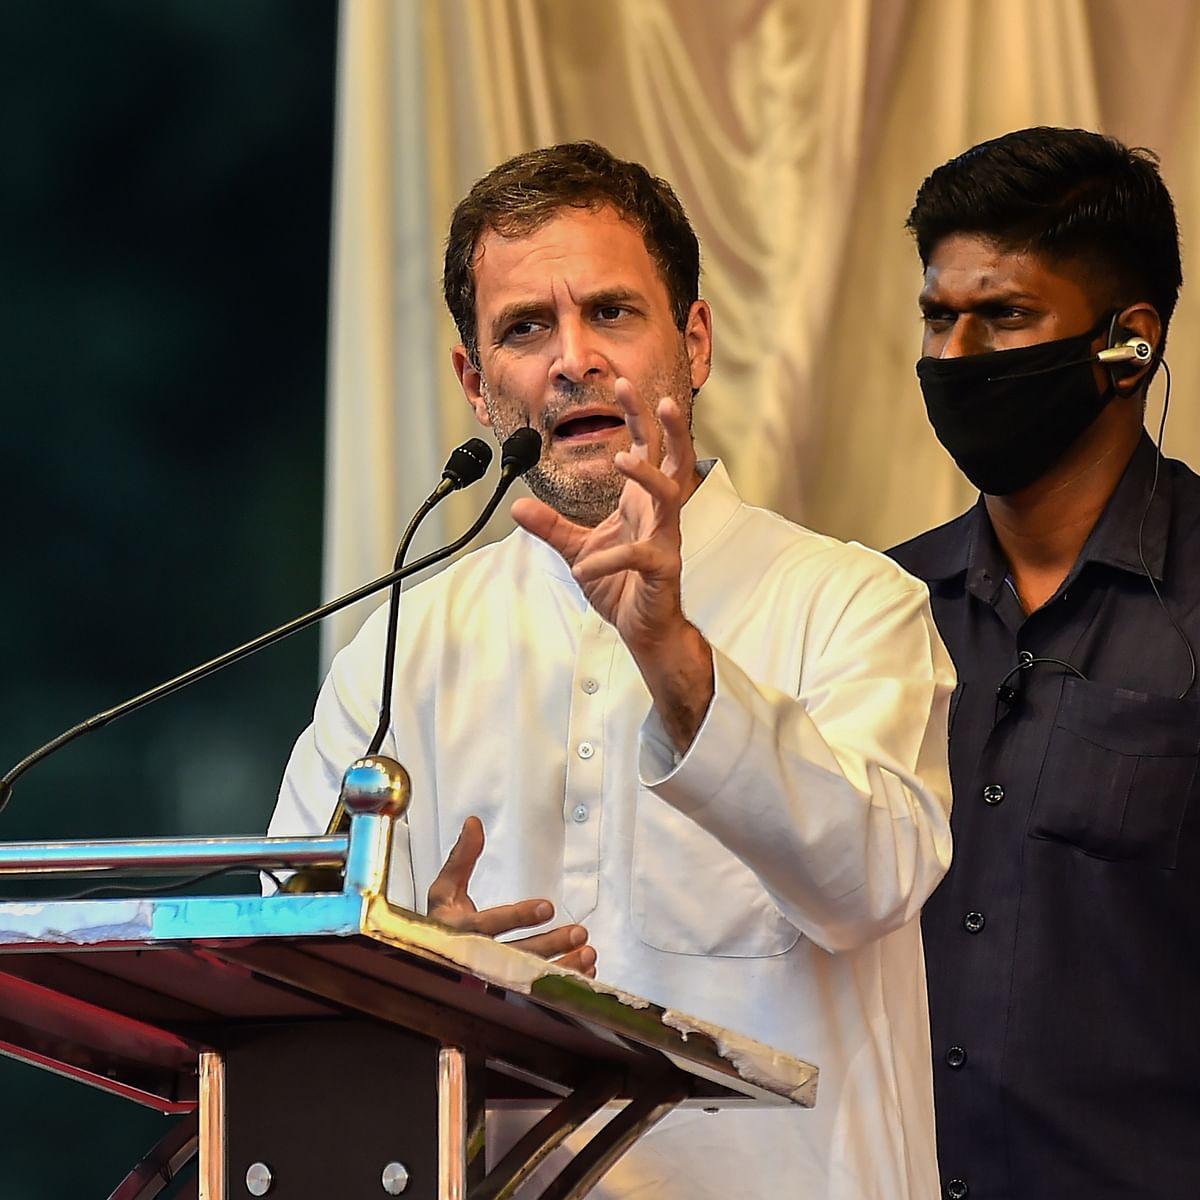 'Criminal wastage': Rahul Gandhi slams govt over Central Vista project